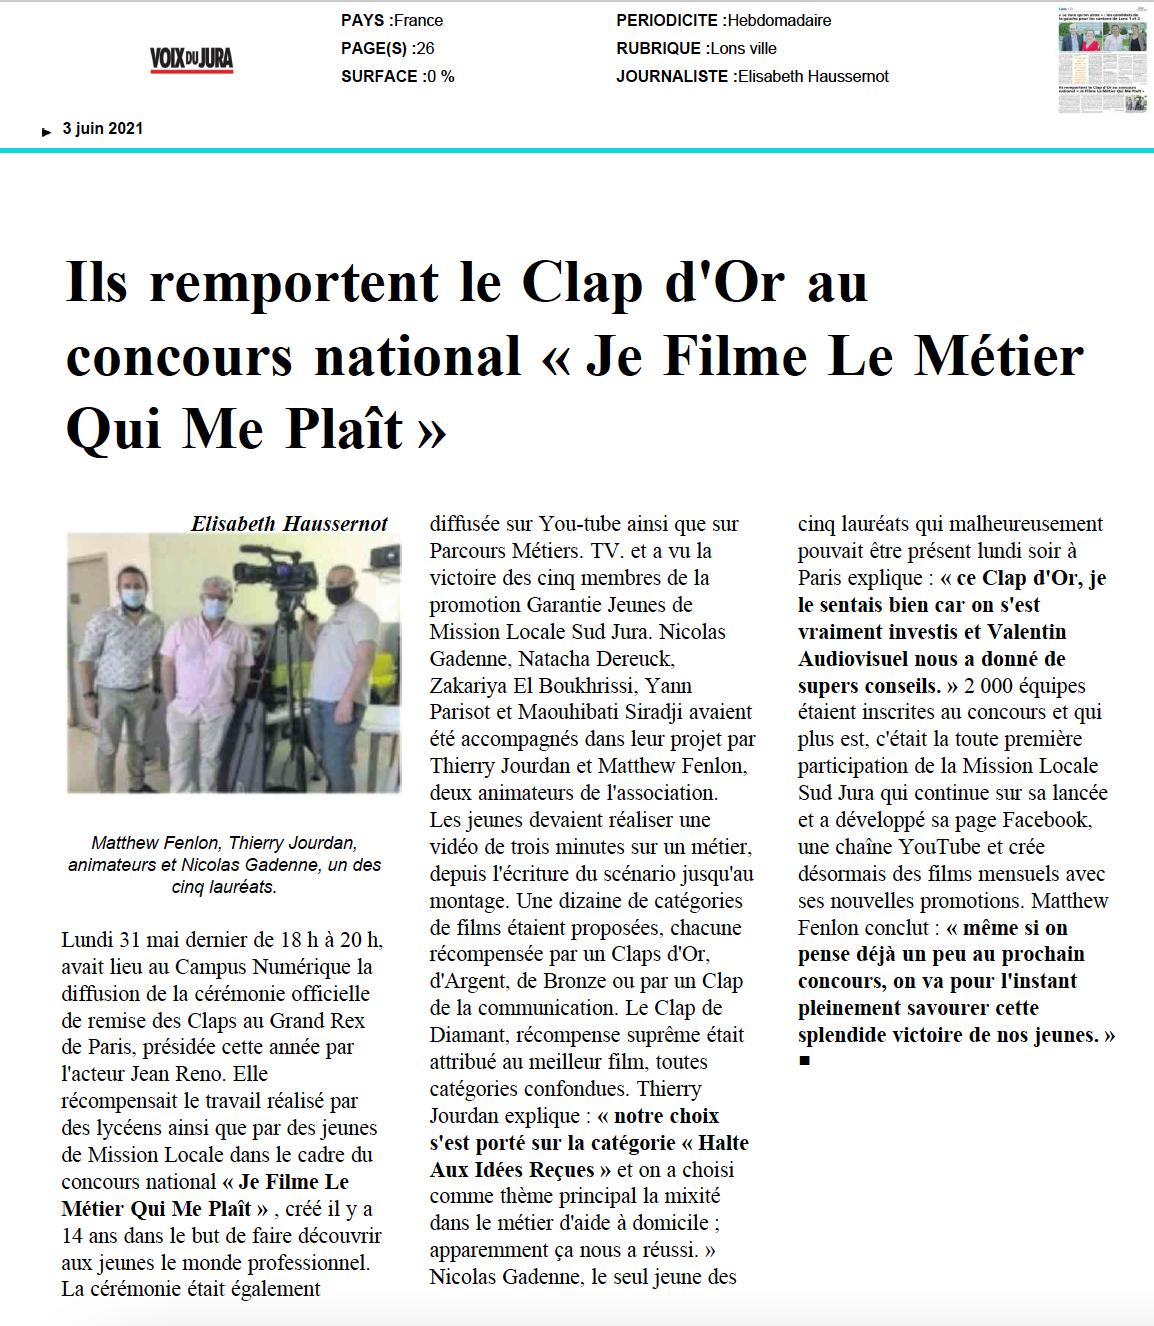 La Voix du Jura - 03/06/2021